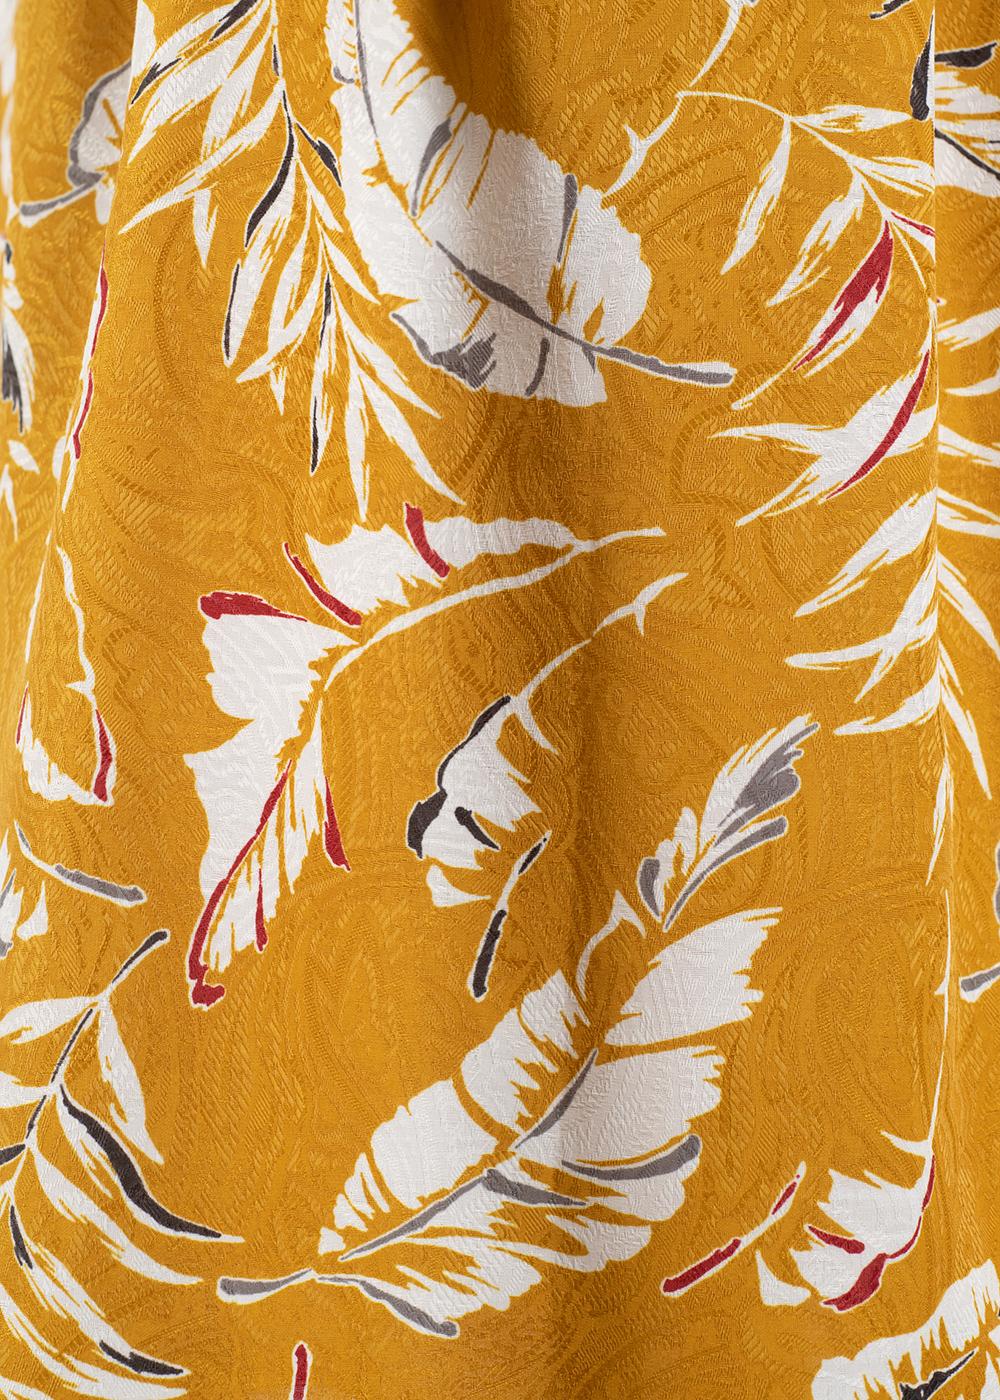 かりゆしウェア(沖縄版アロハシャツ) MAJUN - イータブルプラント(スカート)